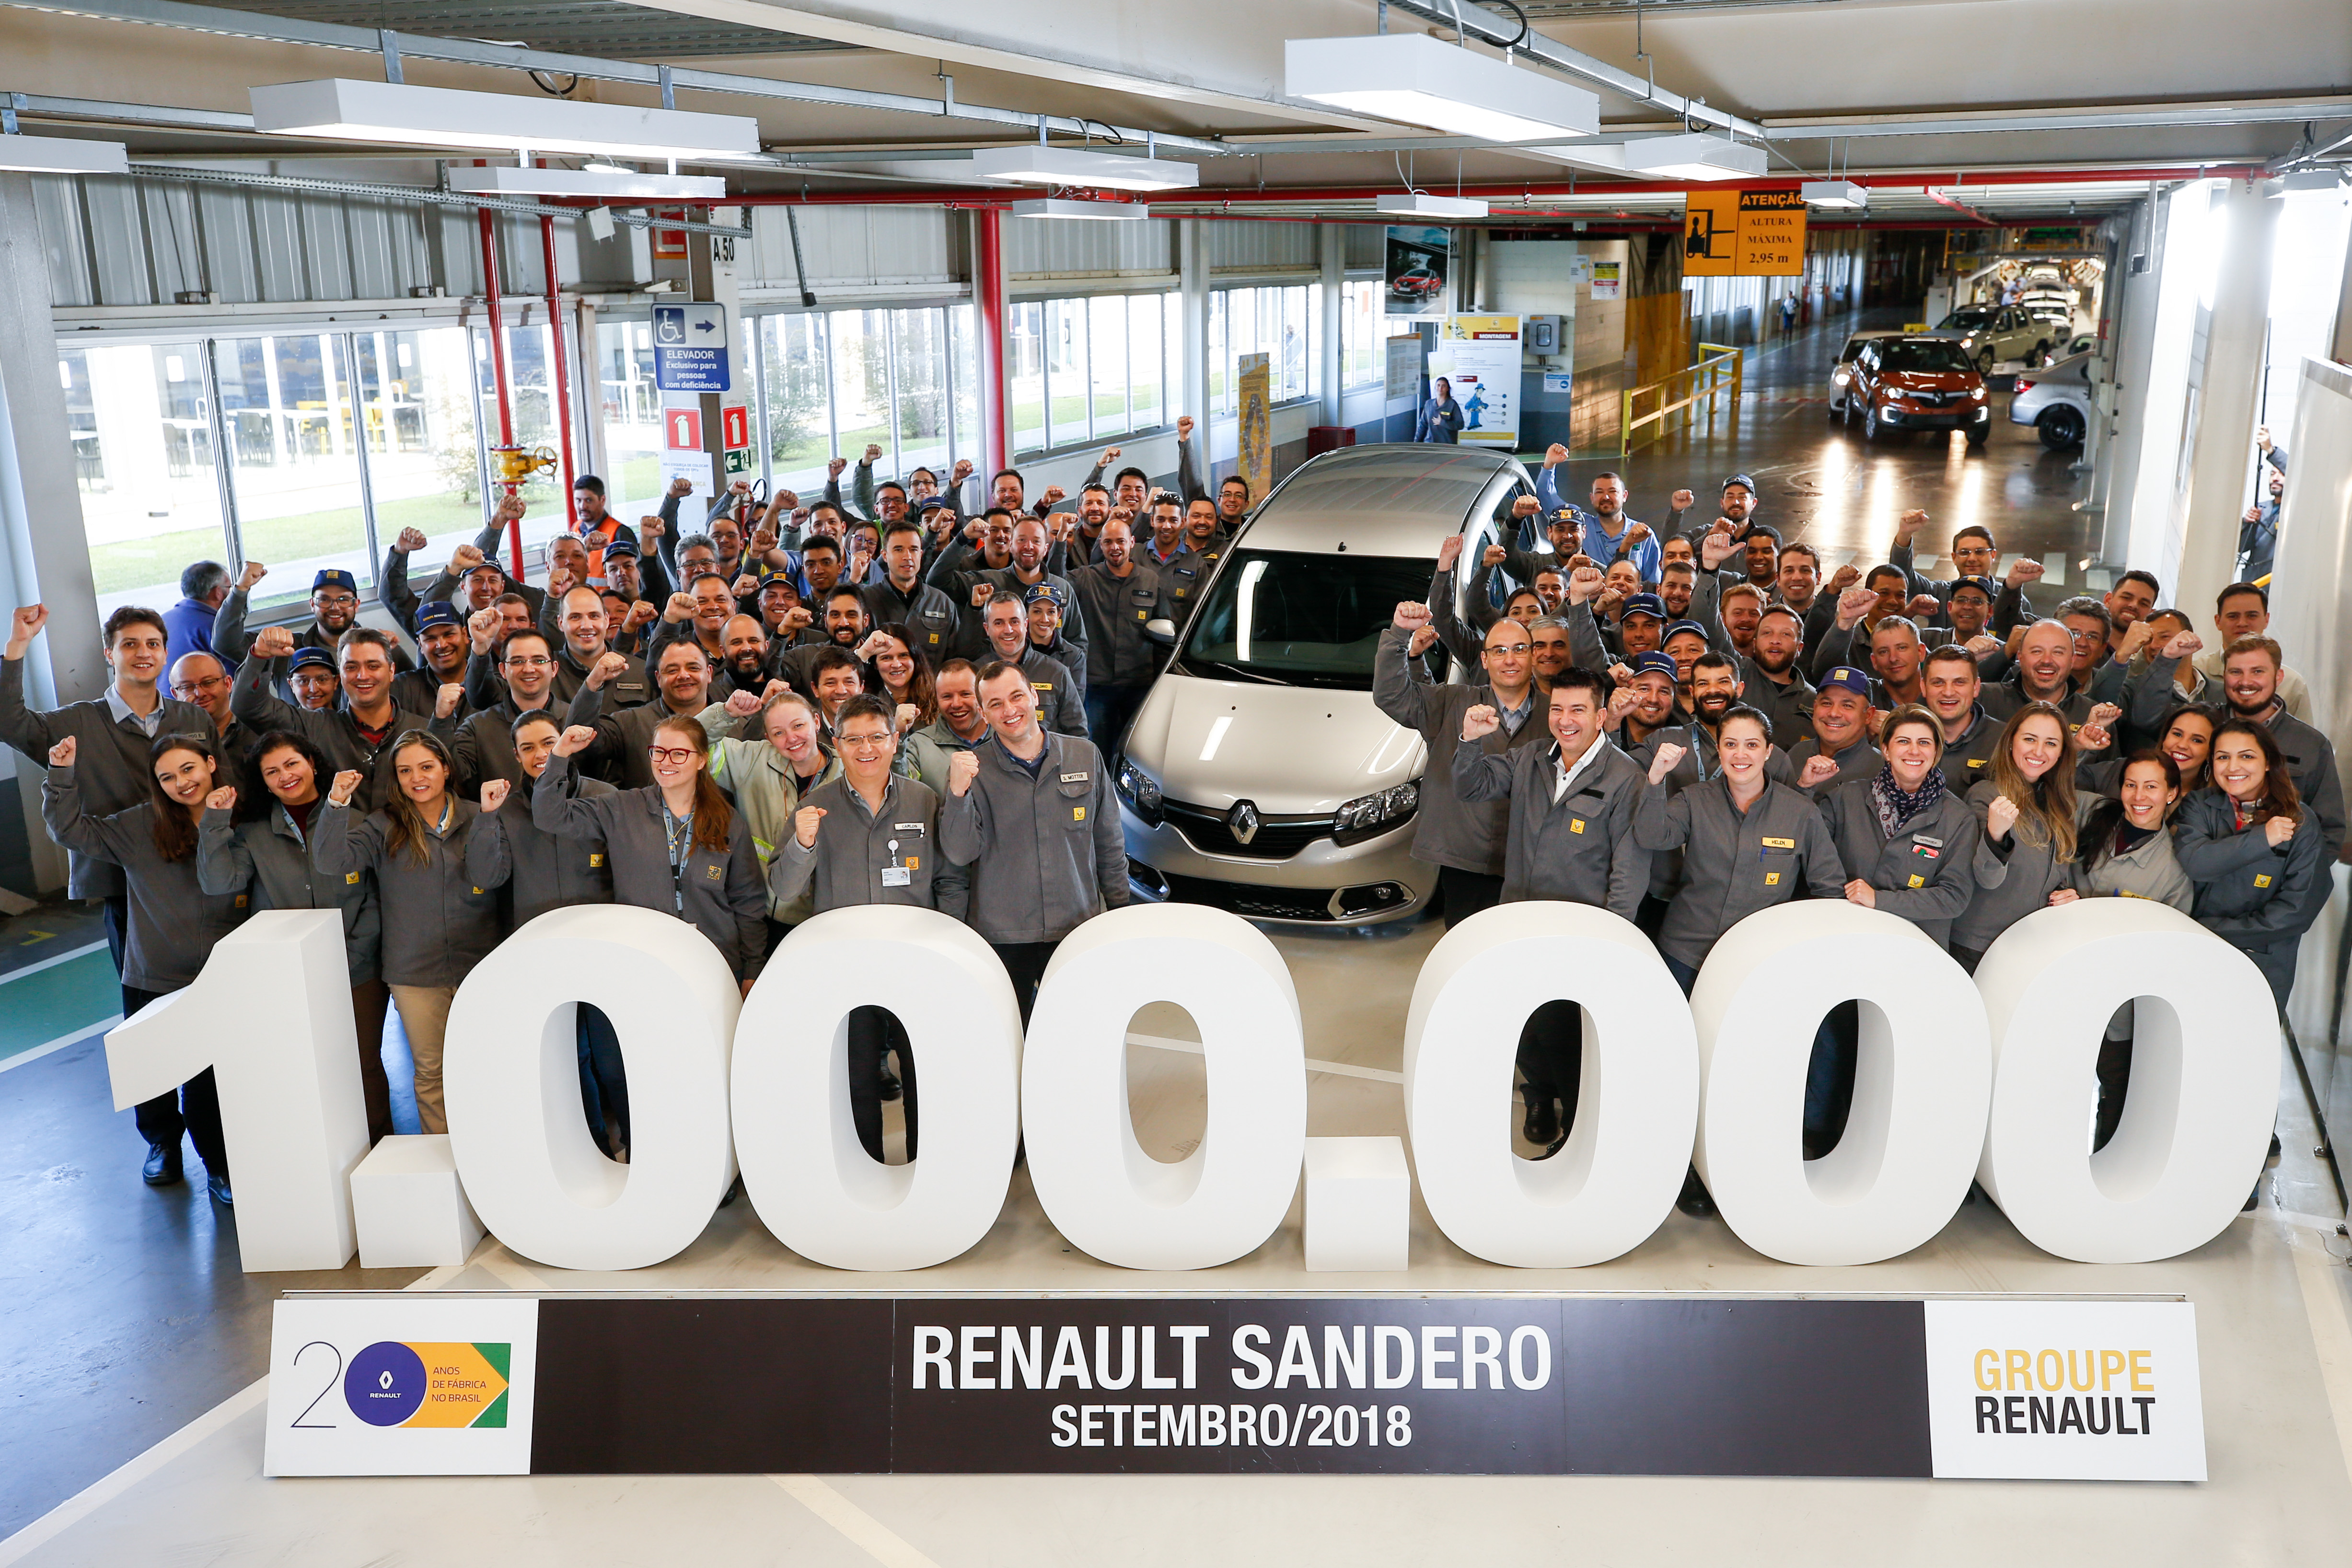 Sucesso: Renault Sandero chega à marca de 1 milhão de unidades fabricadas no Brasil